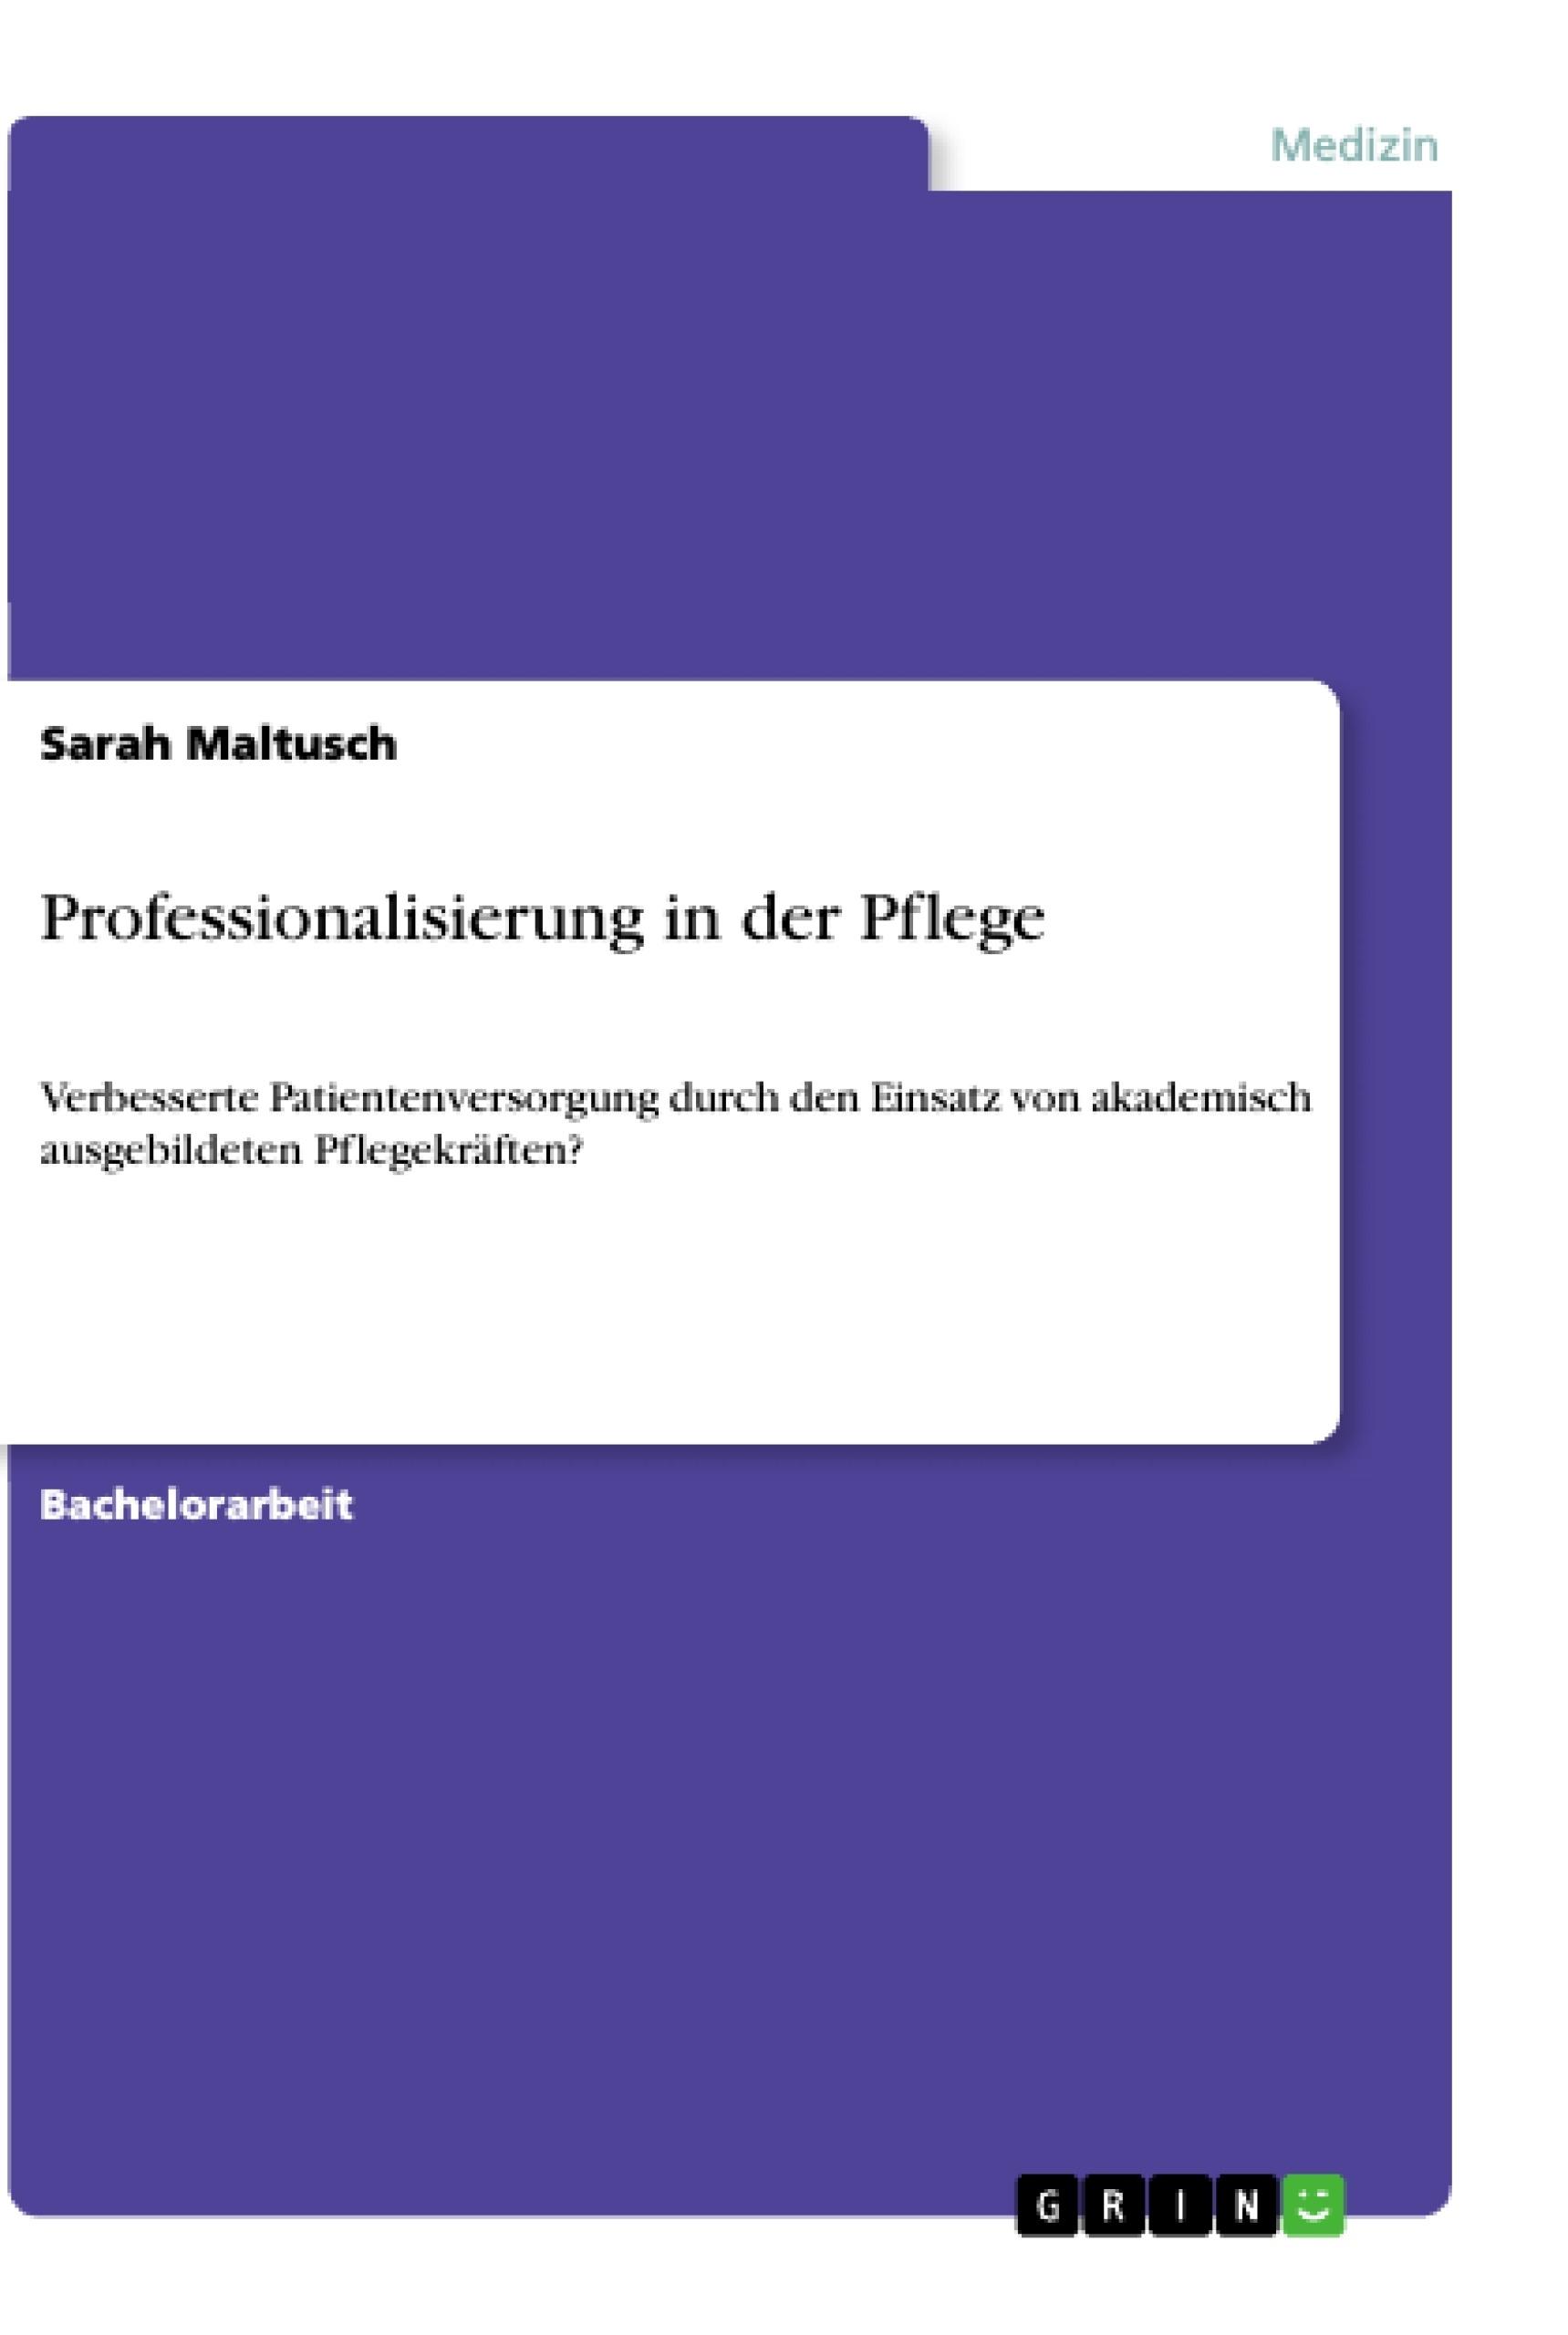 Título: Professionalisierung in der Pflege